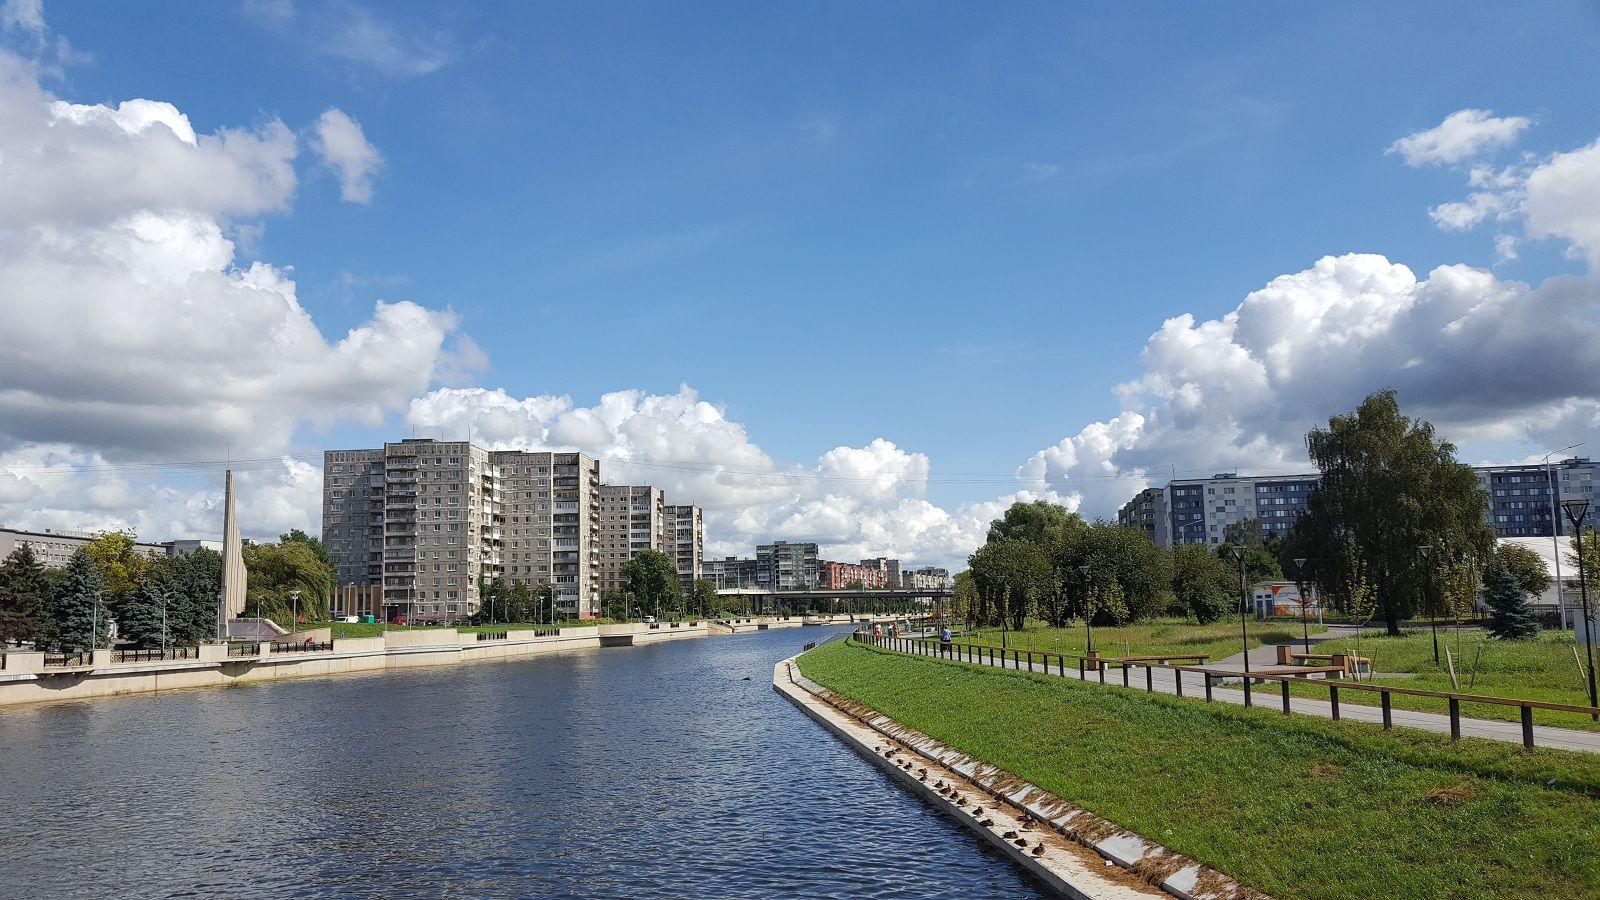 Как я провела свой день рождение, я покажу вам летний Калининград, фото 52